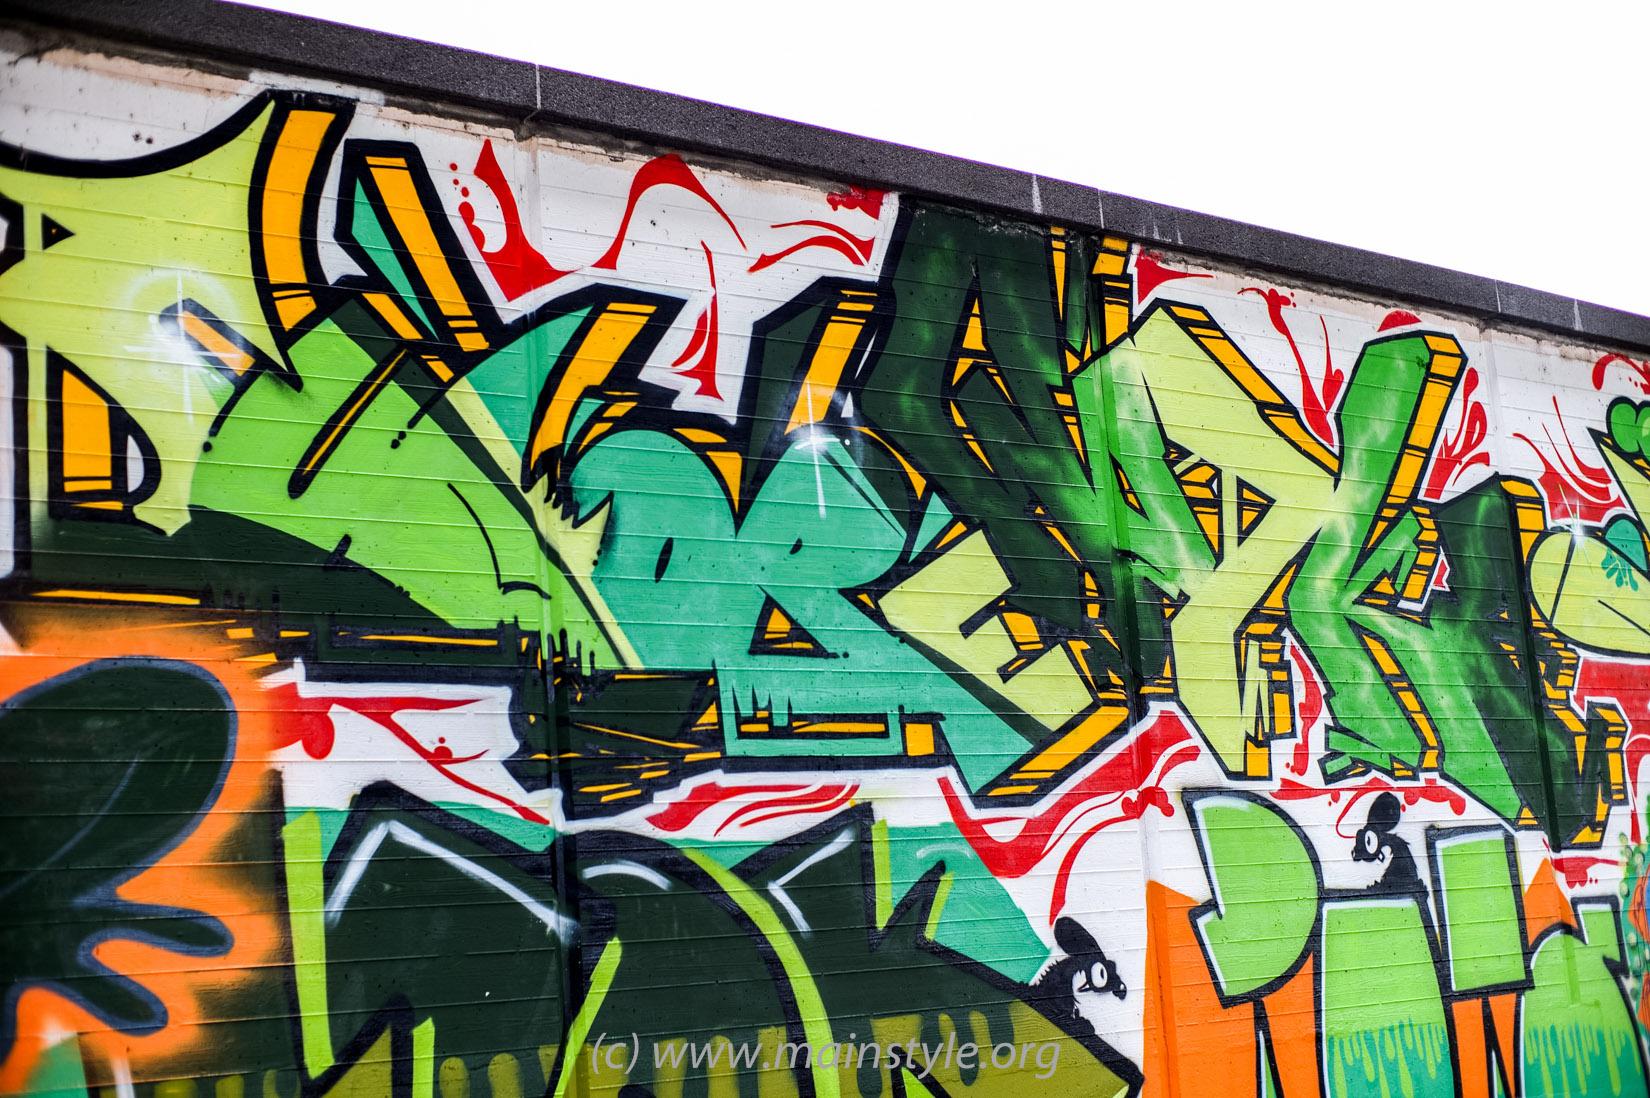 Frankfurt-Höchst_Graffiti_Süwag-Wall_2012 (28 von 35)